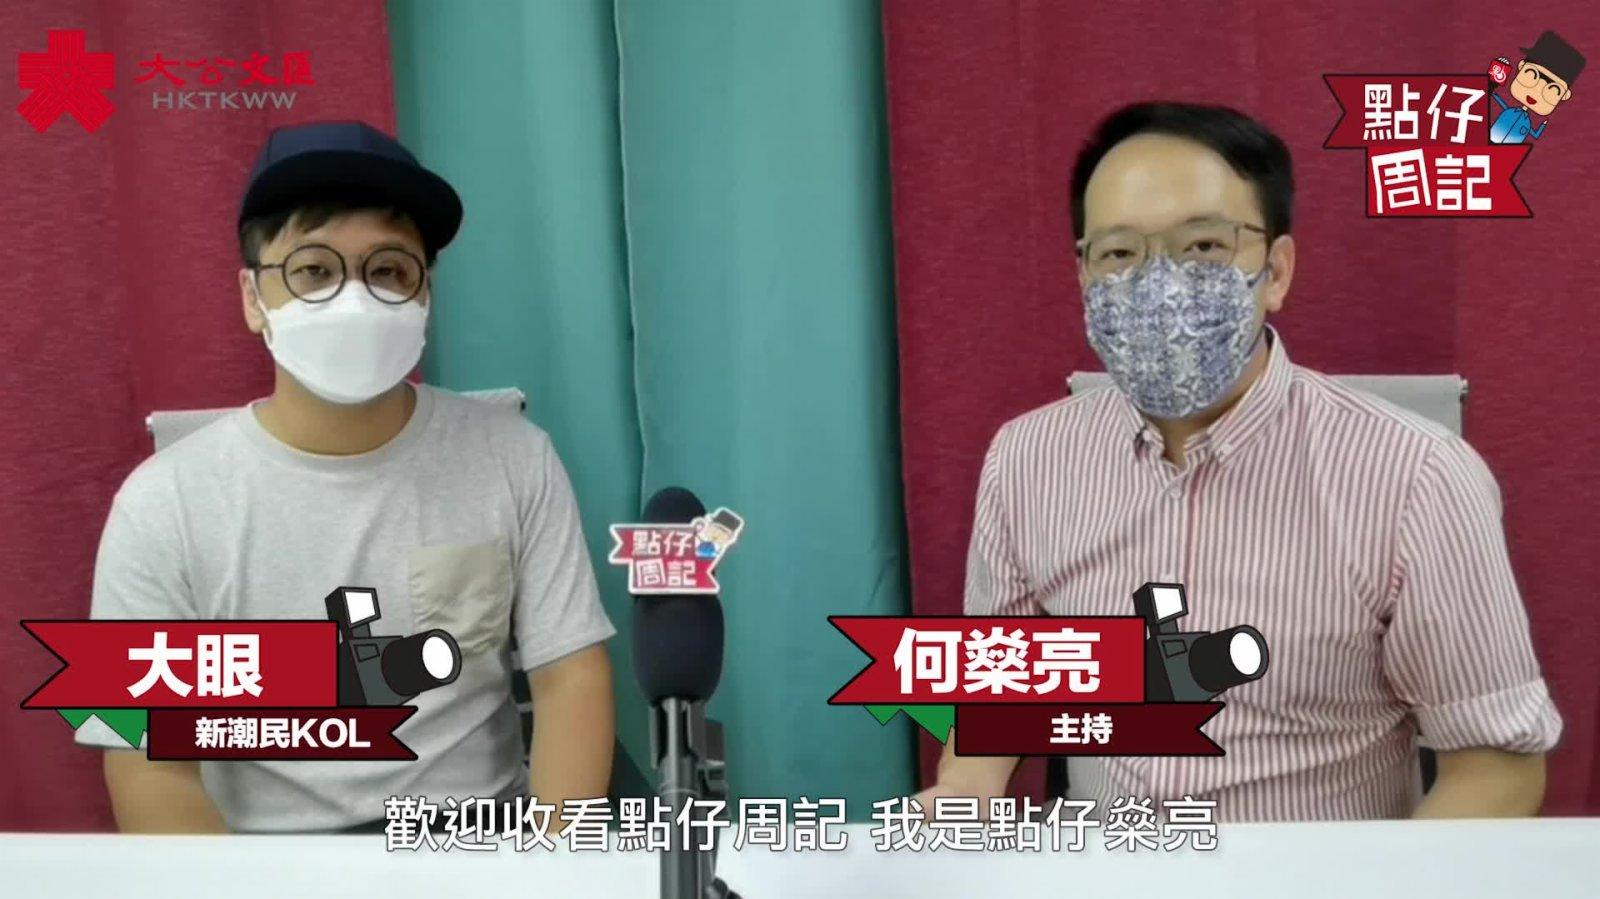 點仔周記|議員及KOL撐反制裁法 跟進香港如何落實